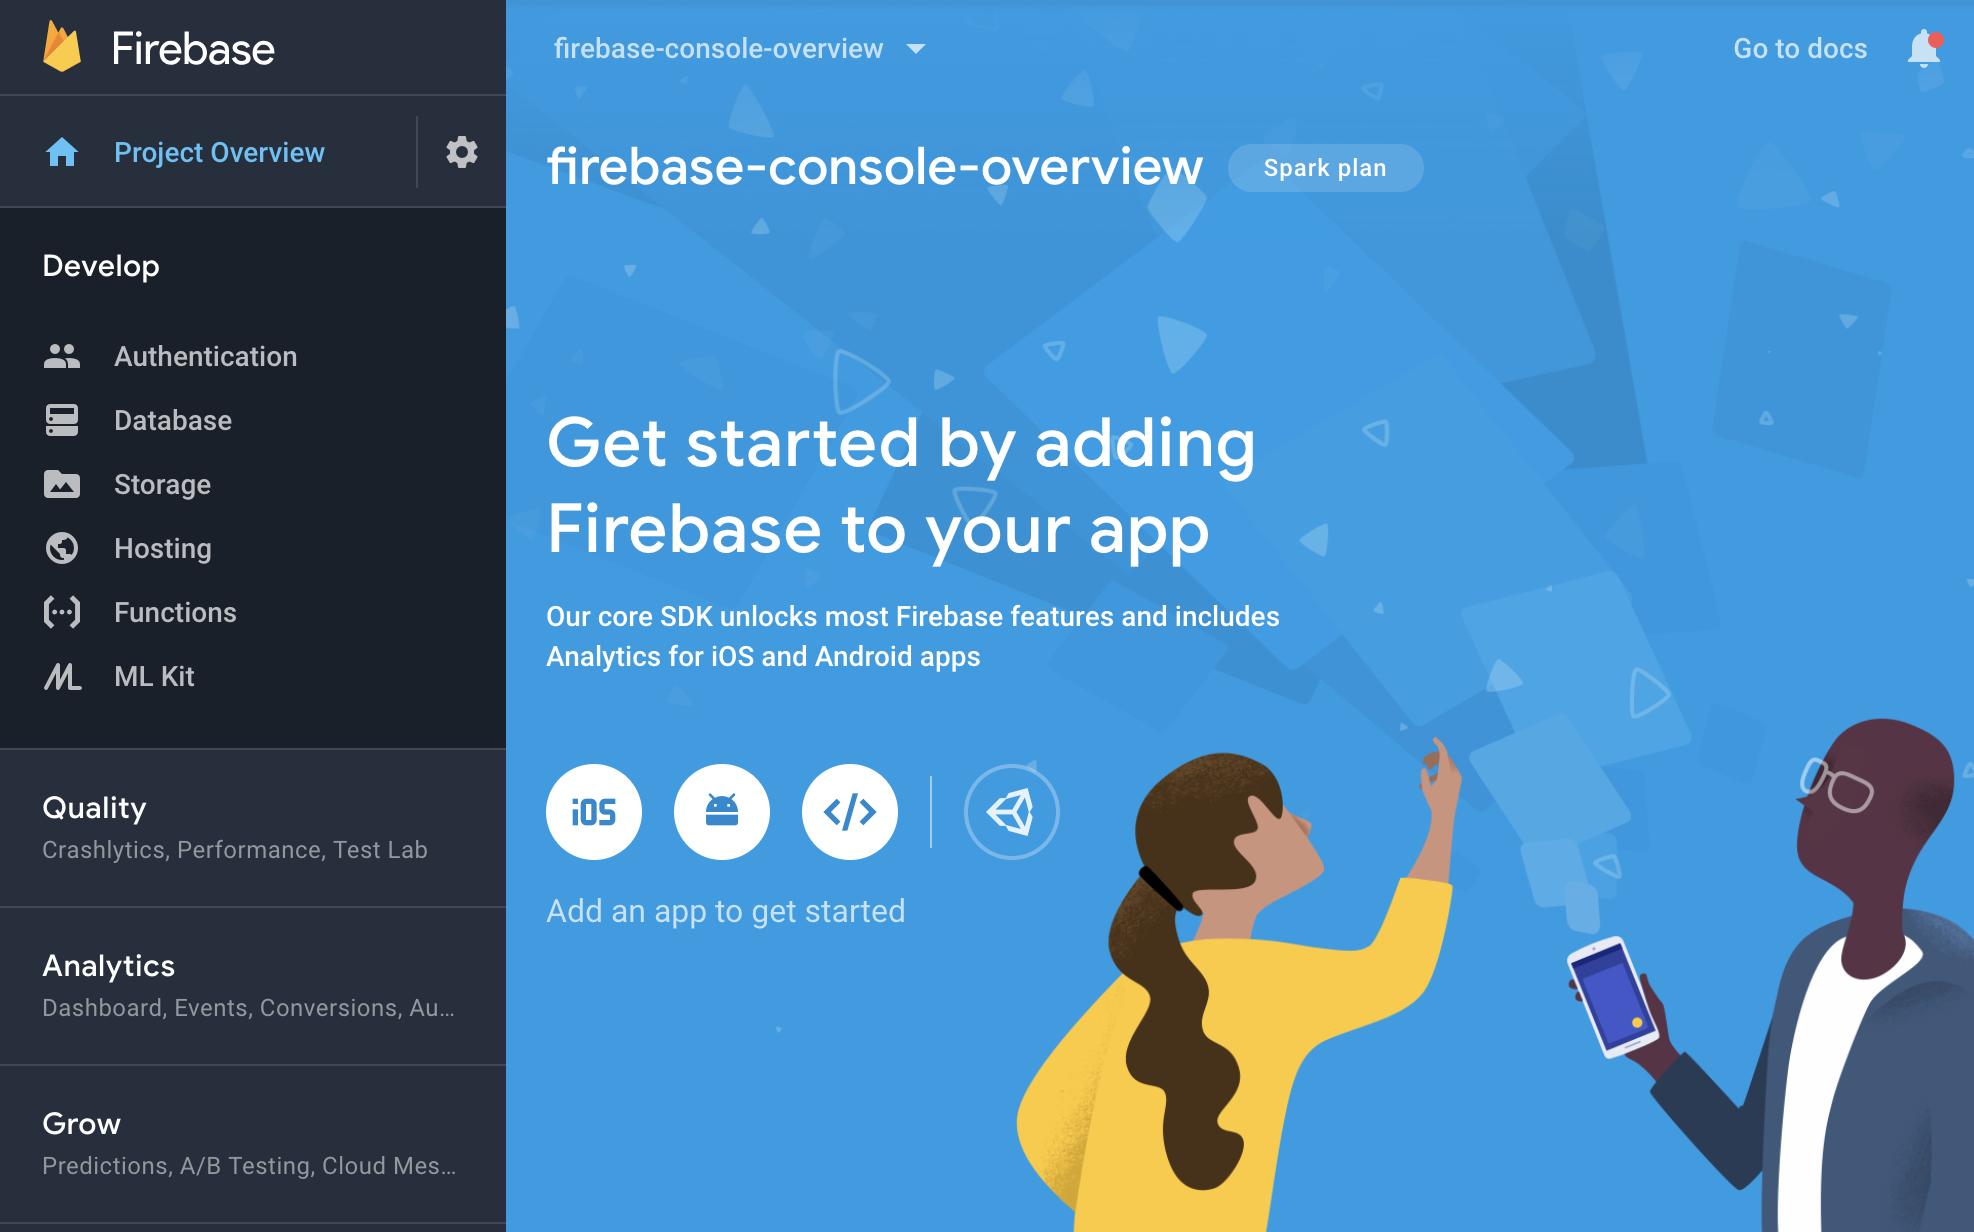 Firebase-Konsole - Projektübersichtsbildschirm